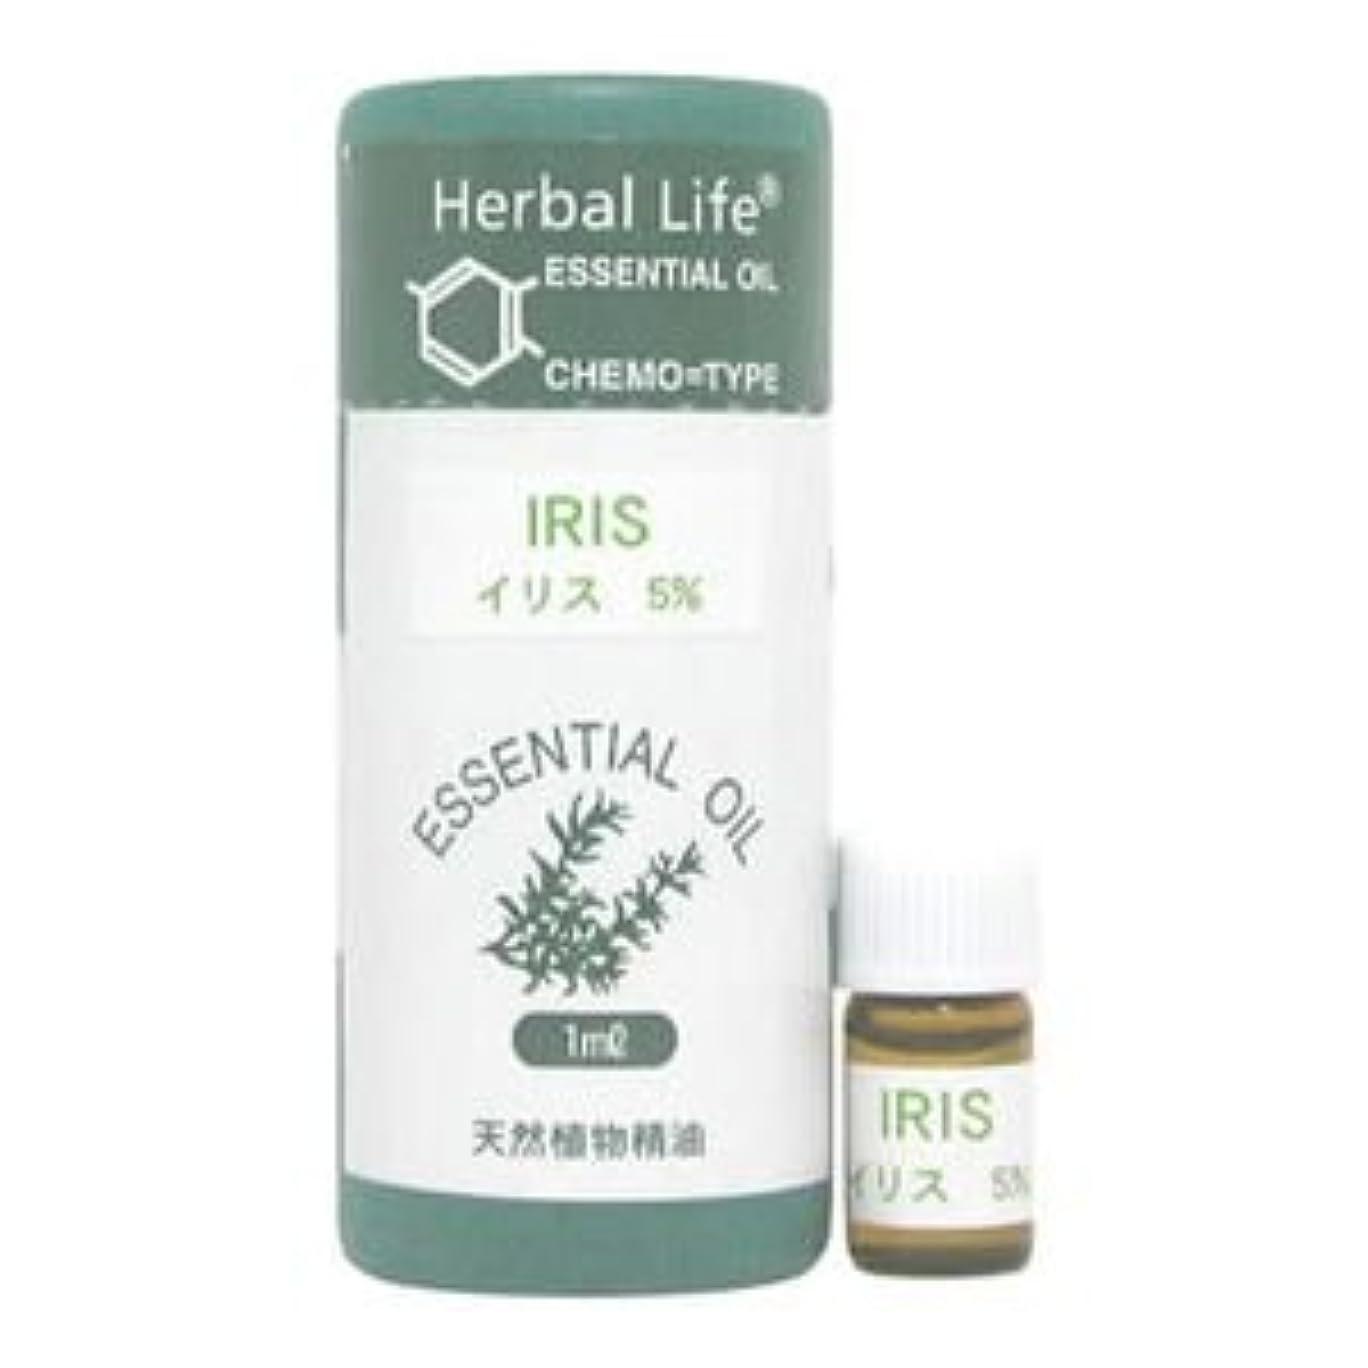 活性化するジェームズダイソン可動式Herbal Life イリス(5%希釈液) 1ml